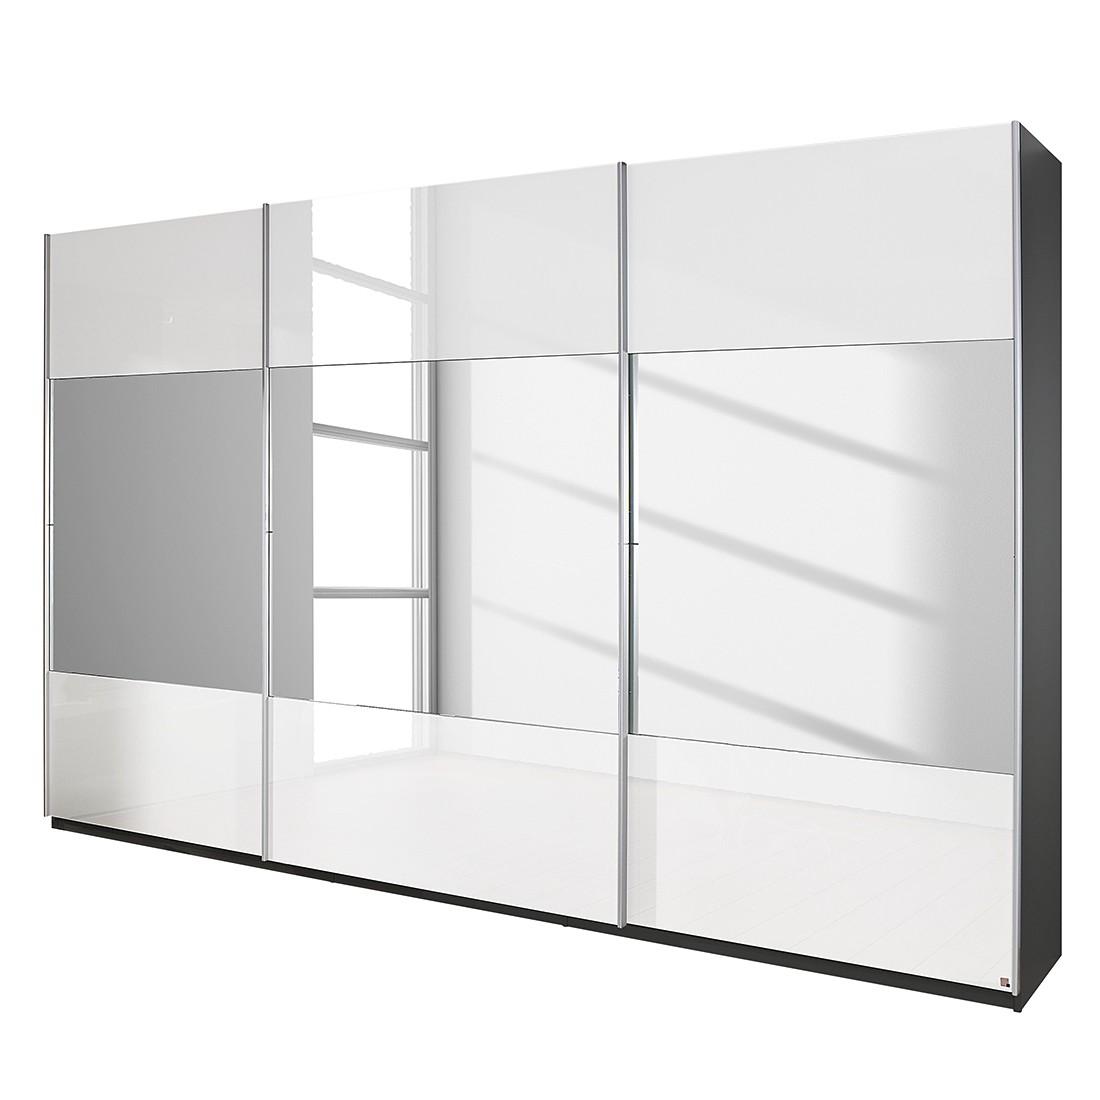 goedkoop Schuifdeurkast Beluga hoogglans wit verspiegeld grafietkleurig 315cm 3 deurs 223cm Rauch Select